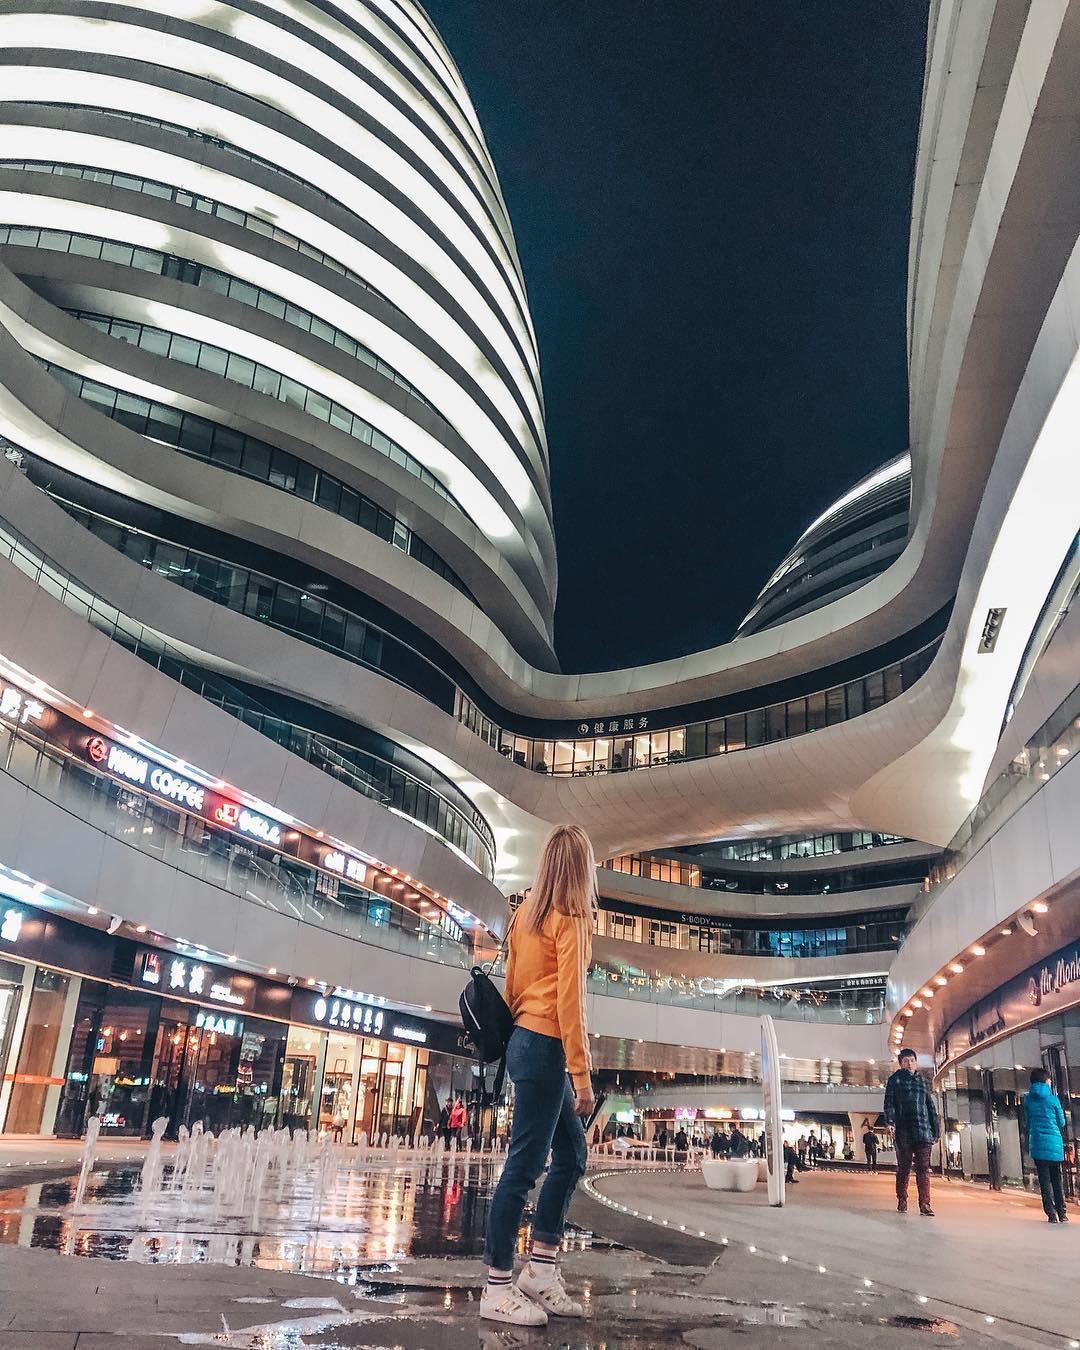 Choáng ngợp trước trung tâm thương mại hình xoắn ốc lên ảnh siêu ảo từng gây tranh cãi khắp Trung Quốc - Ảnh 19.